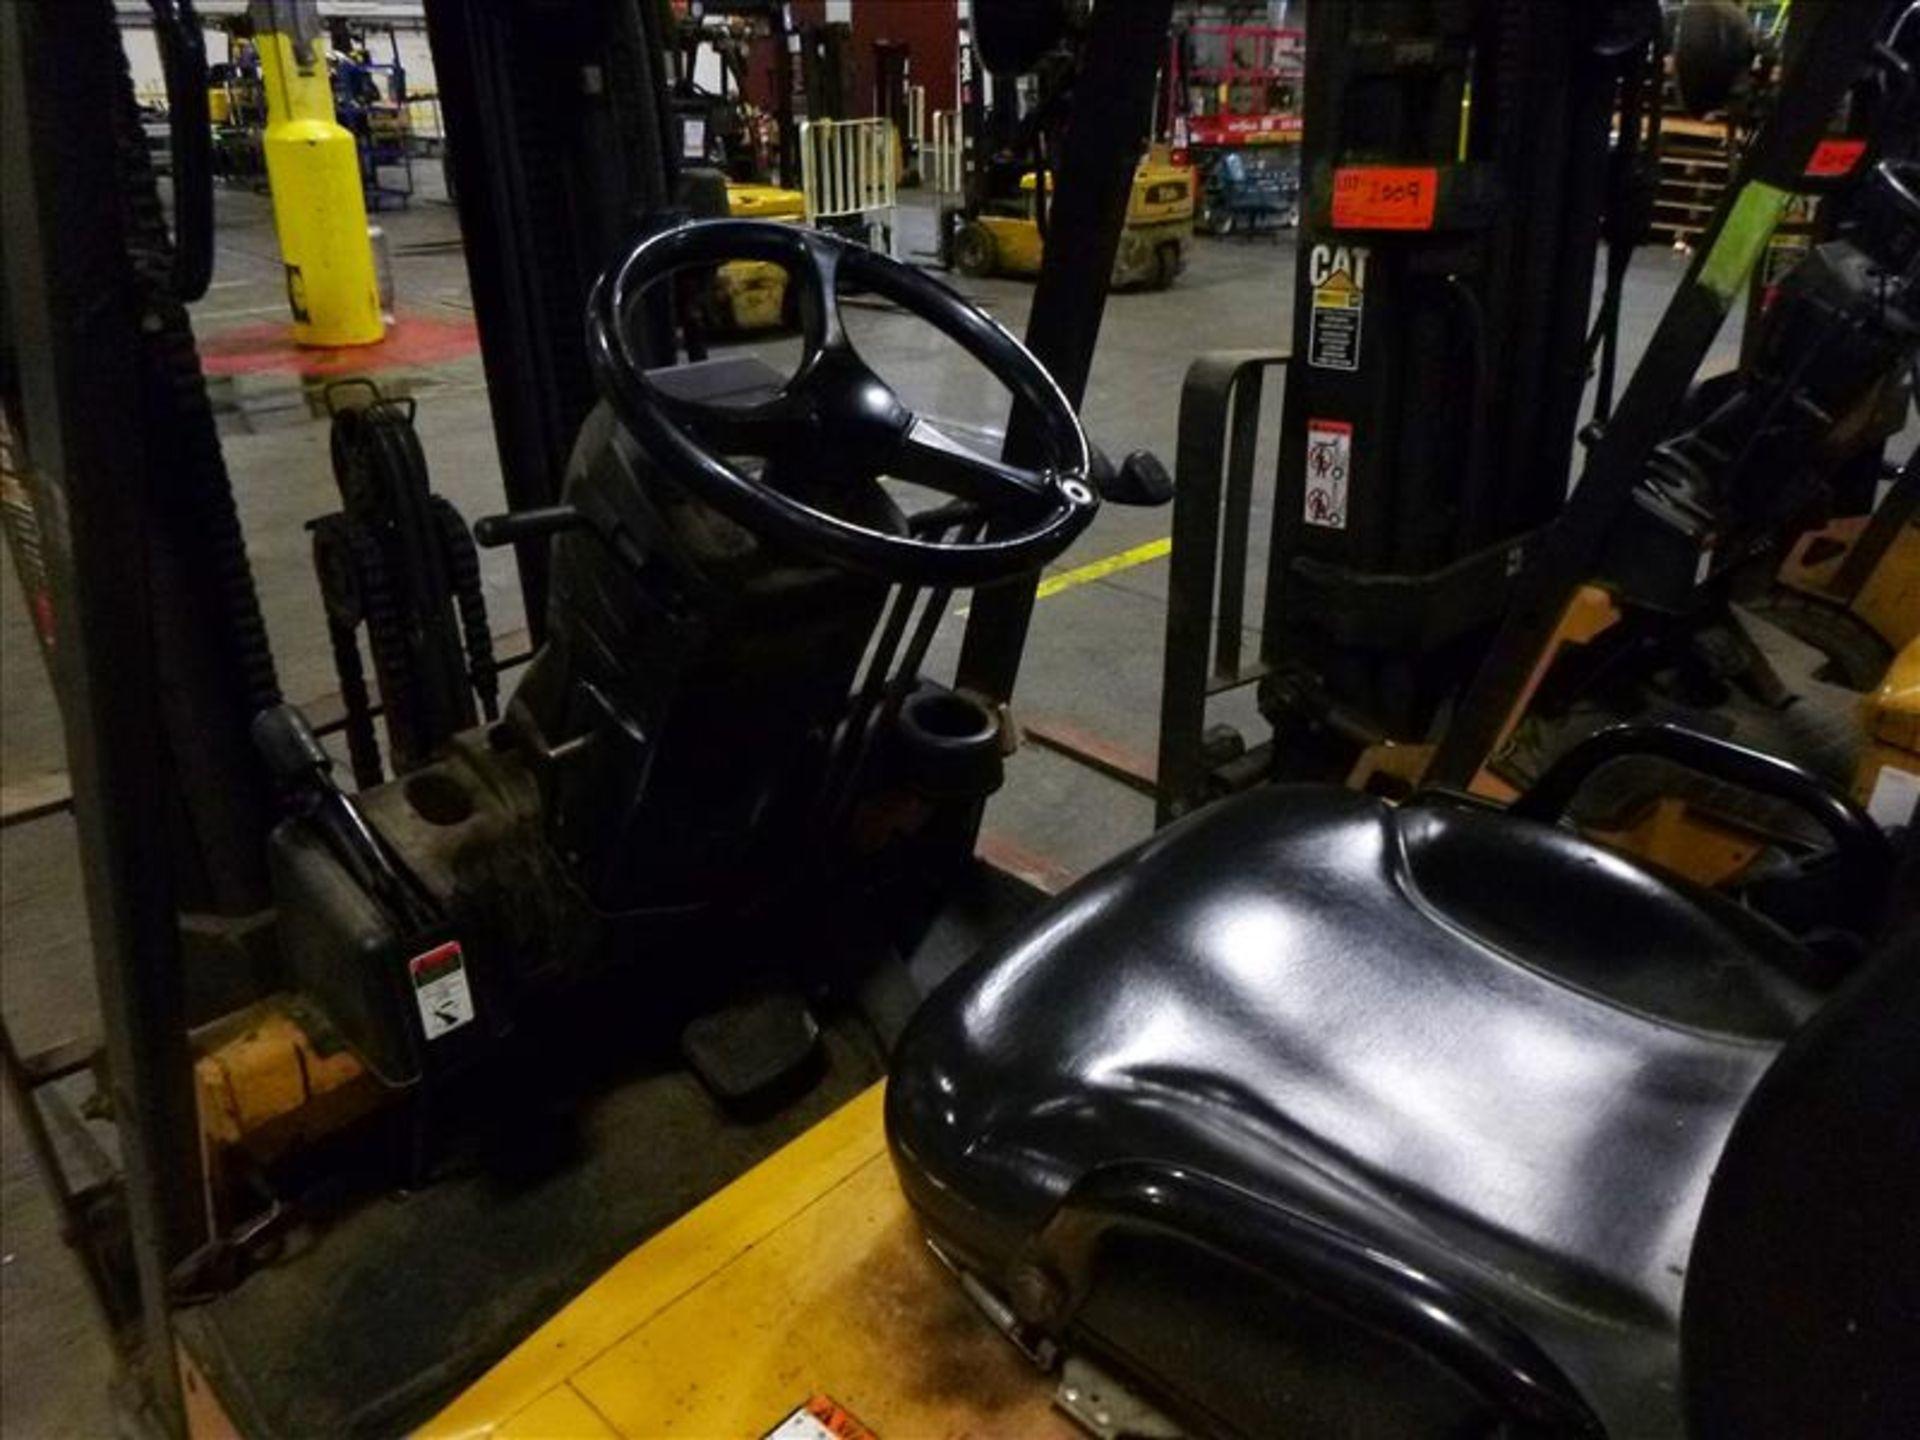 Caterpillar fork lift truck, mod. EC25K, ser. no. A3EC230463, 48V electric, 4450 lbs cap., 188 in. - Image 3 of 4